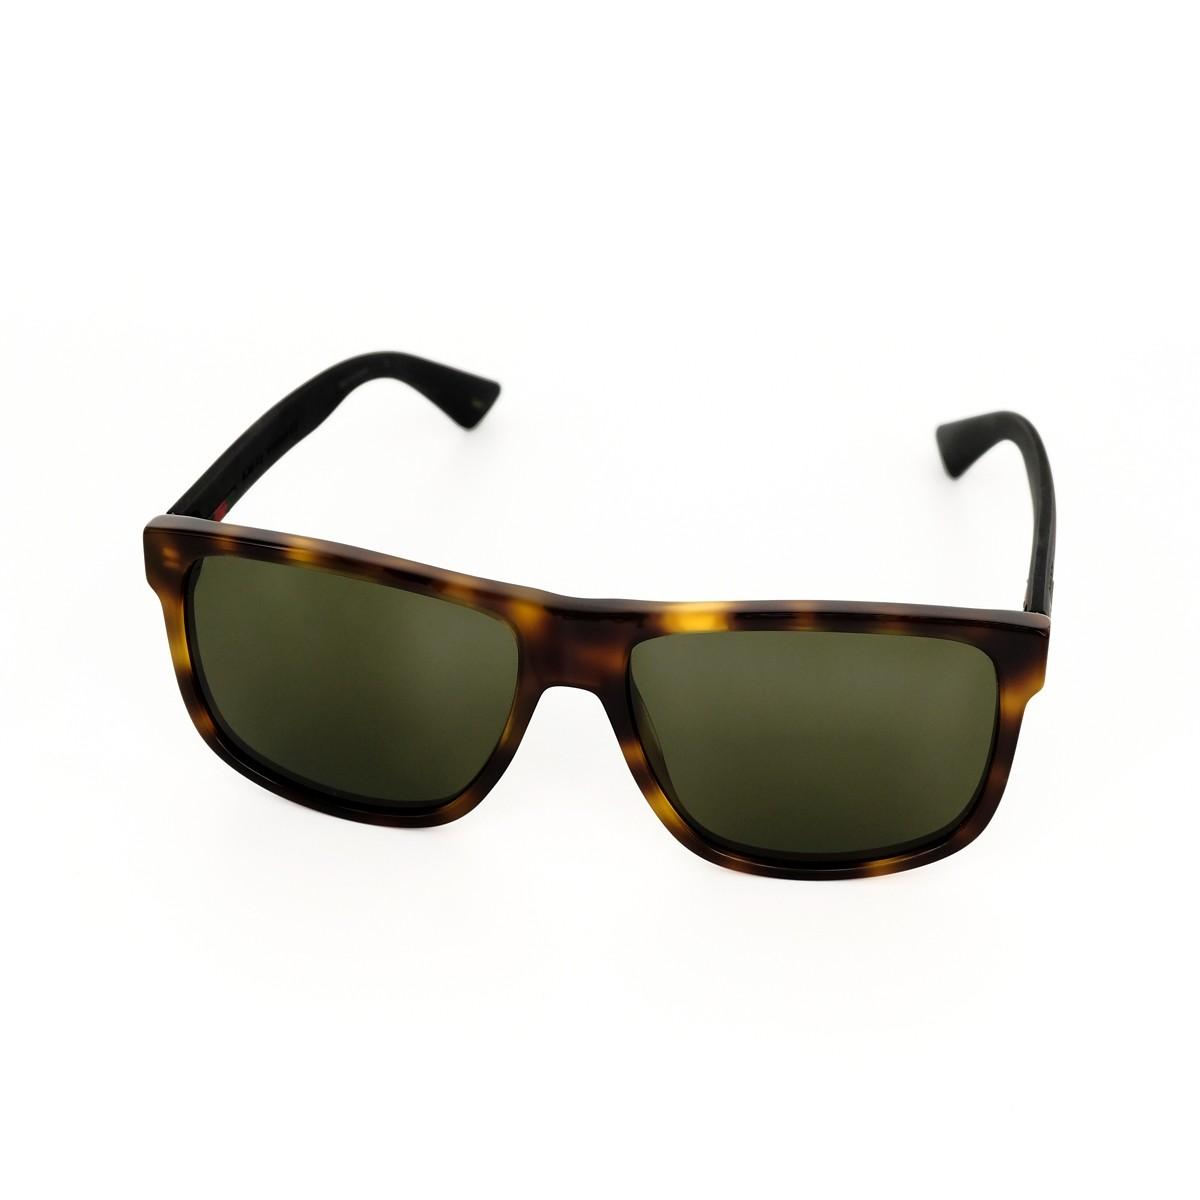 Gucci 0010S 006, 187,00€, Occhiali Gucci Marrone a forma Rettangolare